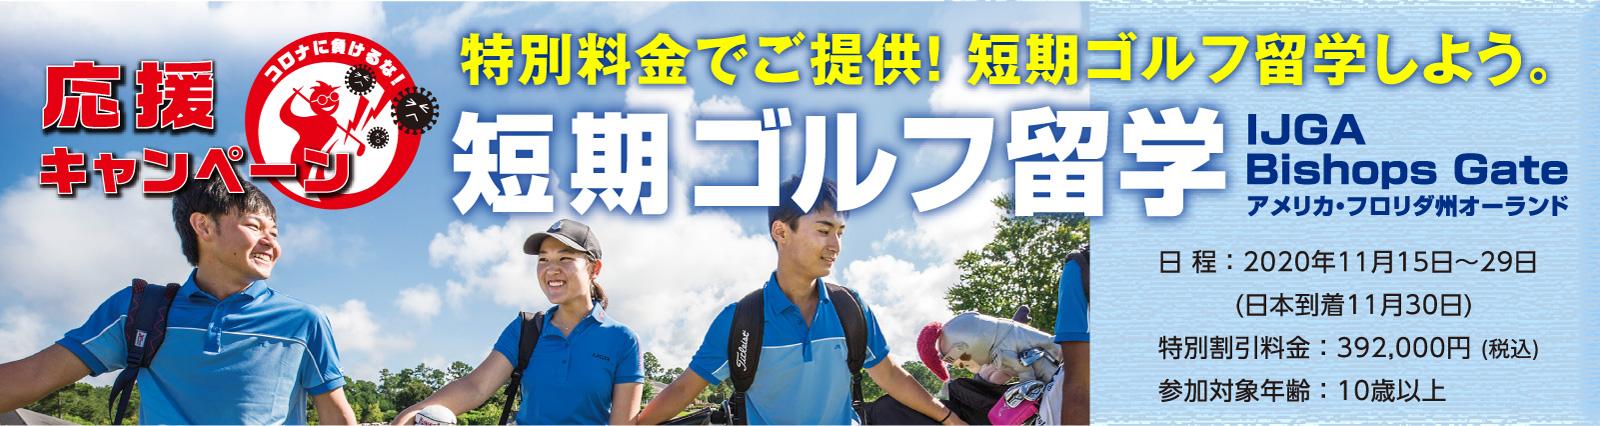 短期ゴルフ留学